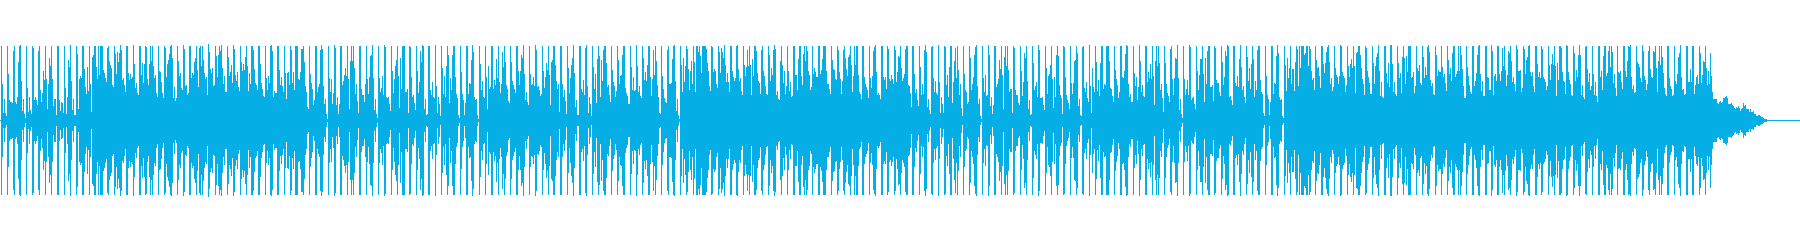 バンドっぽさを取り入れたスロービートの再生済みの波形